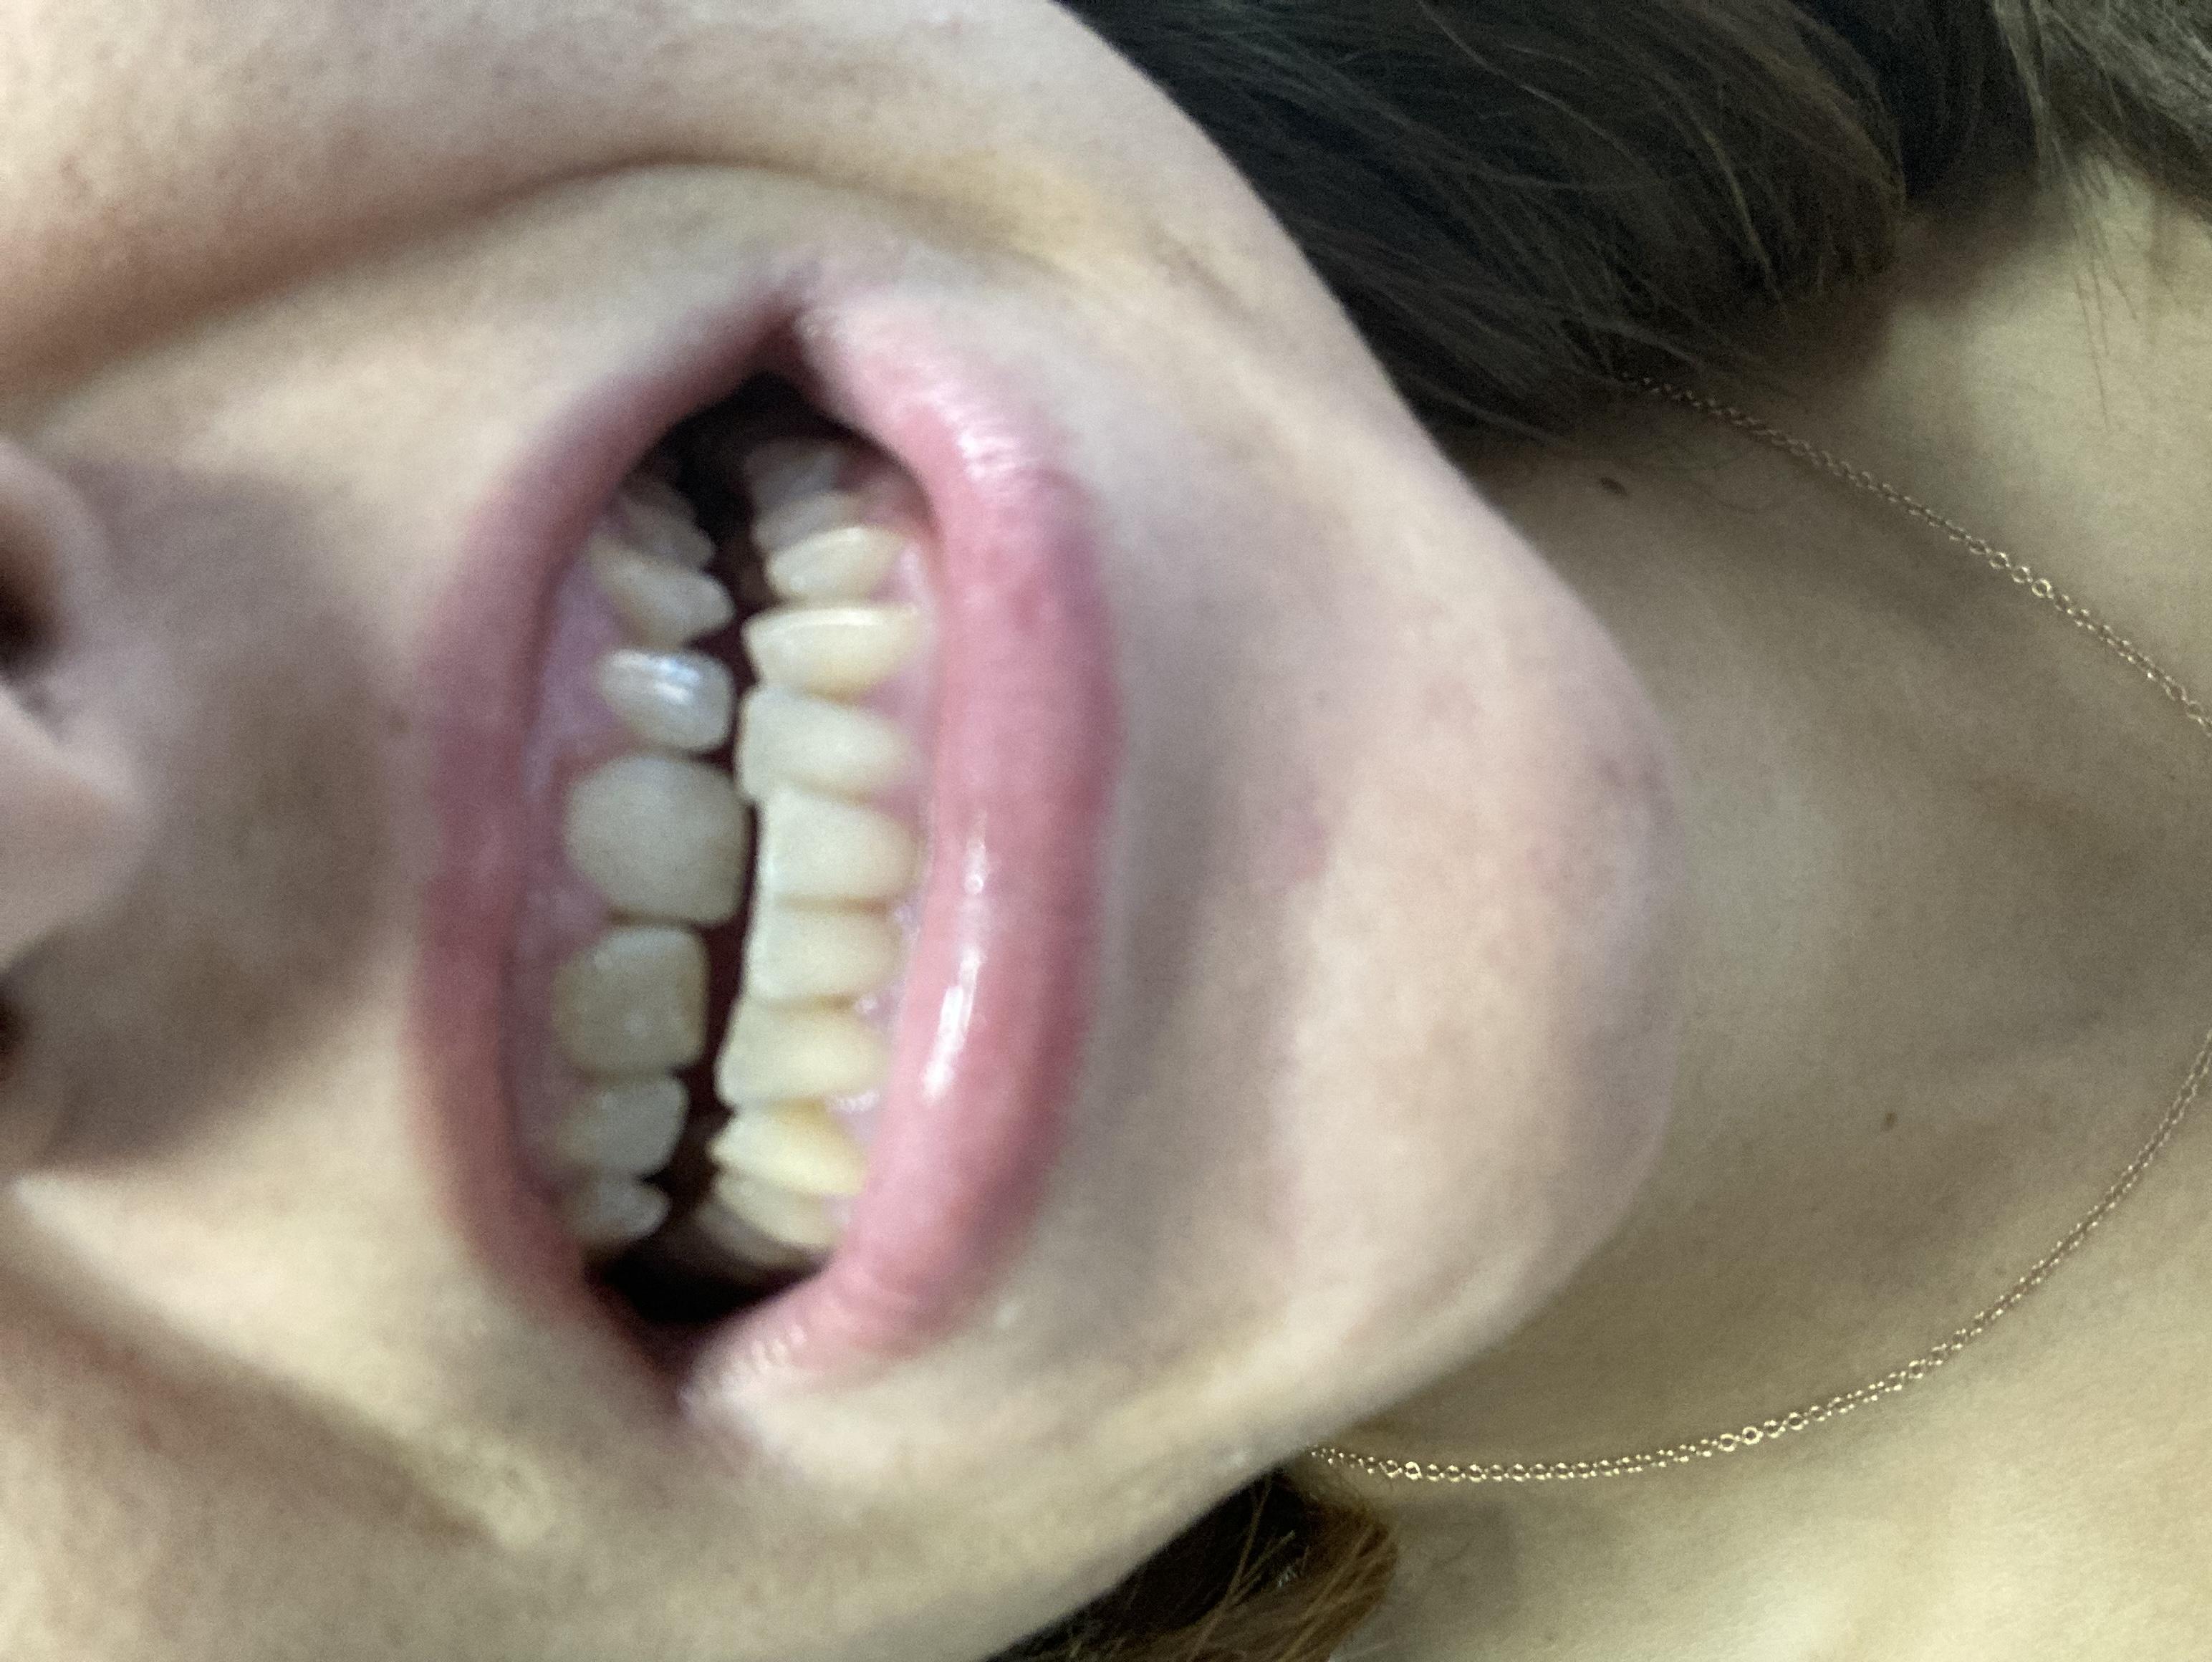 È possibile ripristinare la lunghezza con un apparecchio ortodontico?